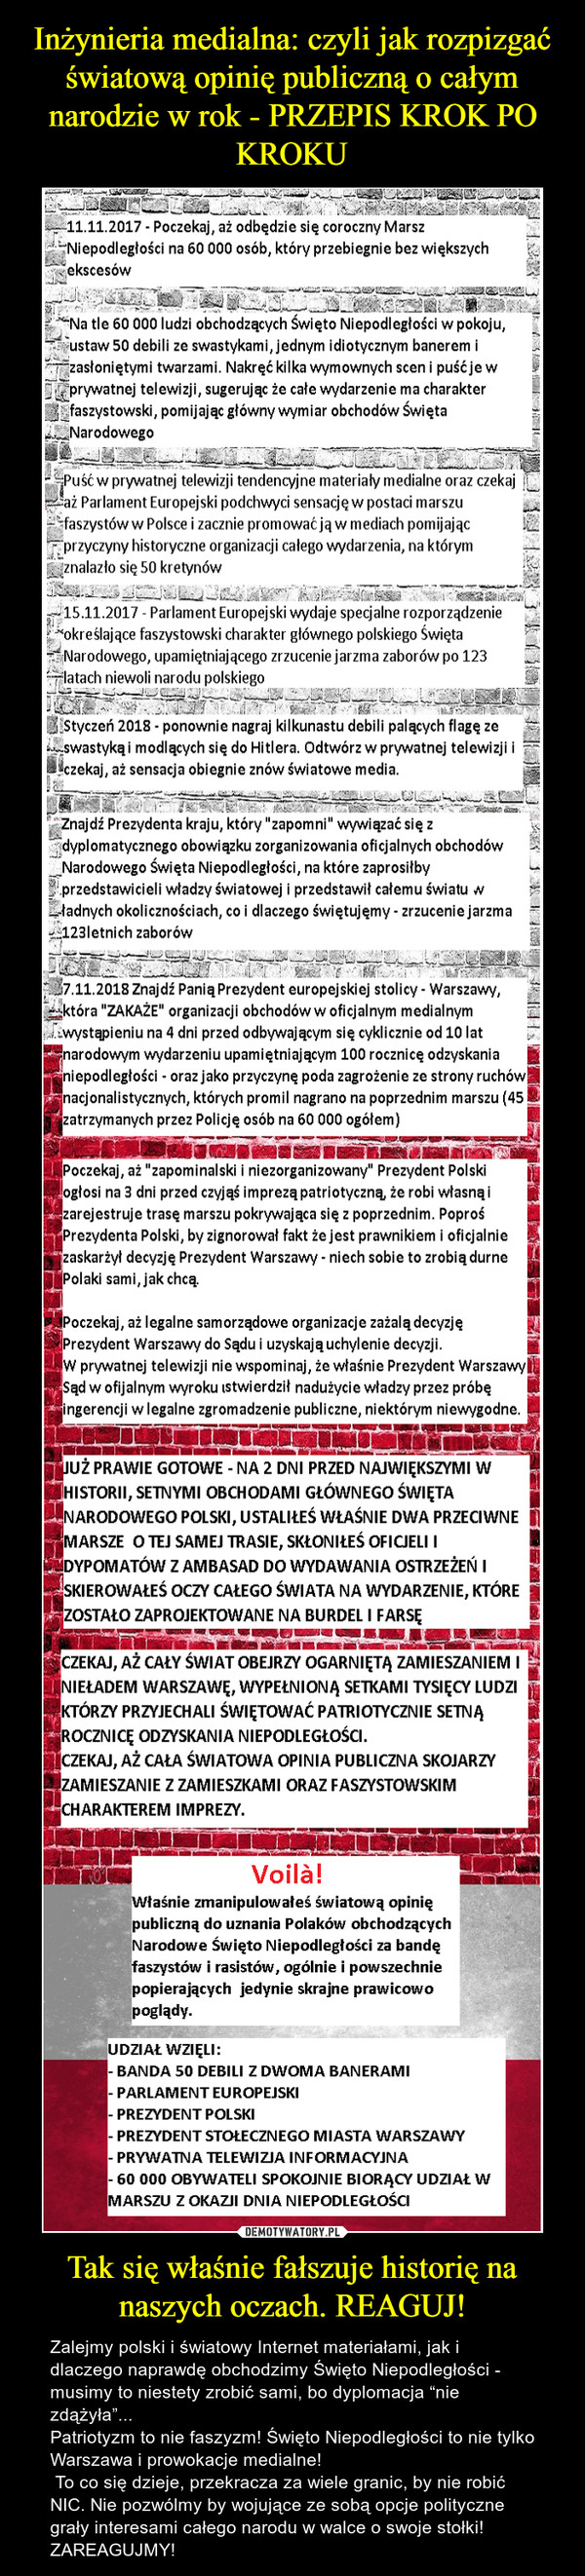 """Tak się właśnie fałszuje historię na naszych oczach. REAGUJ! – Zalejmy polski i światowy Internet materiałami, jak i dlaczego naprawdę obchodzimy Święto Niepodległości - musimy to niestety zrobić sami, bo dyplomacja """"nie zdążyła""""...Patriotyzm to nie faszyzm! Święto Niepodległości to nie tylko Warszawa i prowokacje medialne!  To co się dzieje, przekracza za wiele granic, by nie robić NIC. Nie pozwólmy by wojujące ze sobą opcje polityczne grały interesami całego narodu w walce o swoje stołki! ZAREAGUJMY!"""